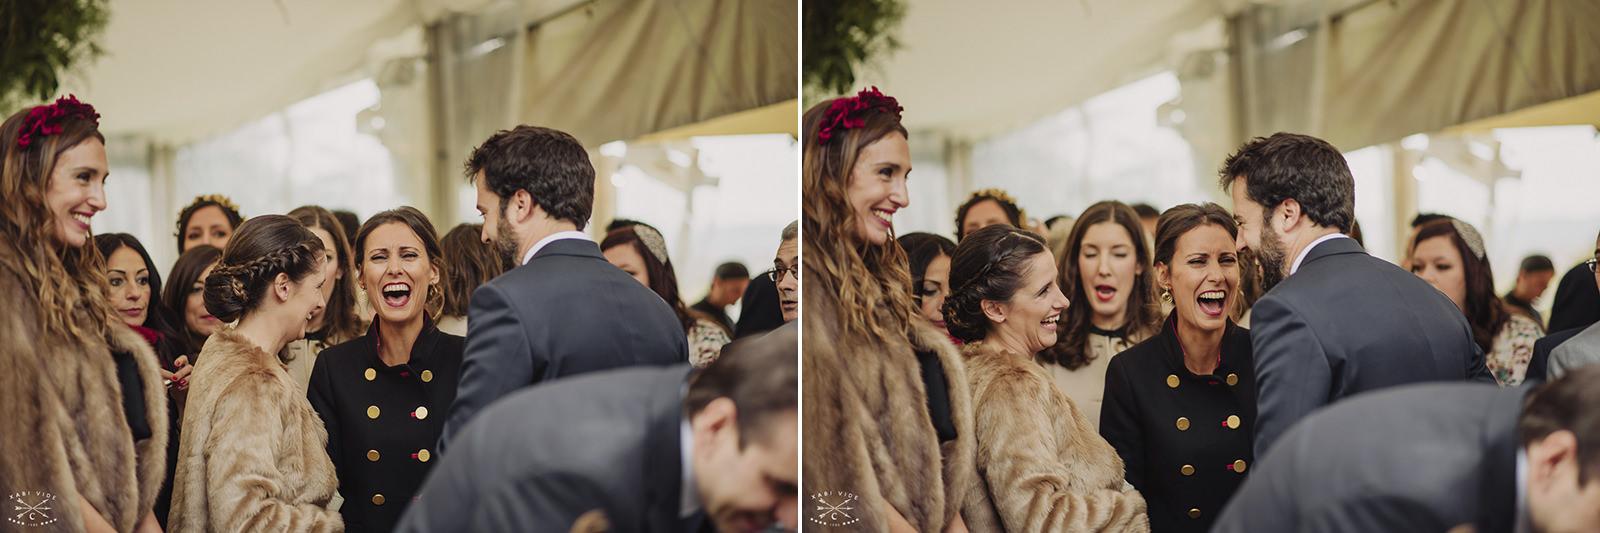 boda caserio olagorta bodas-97